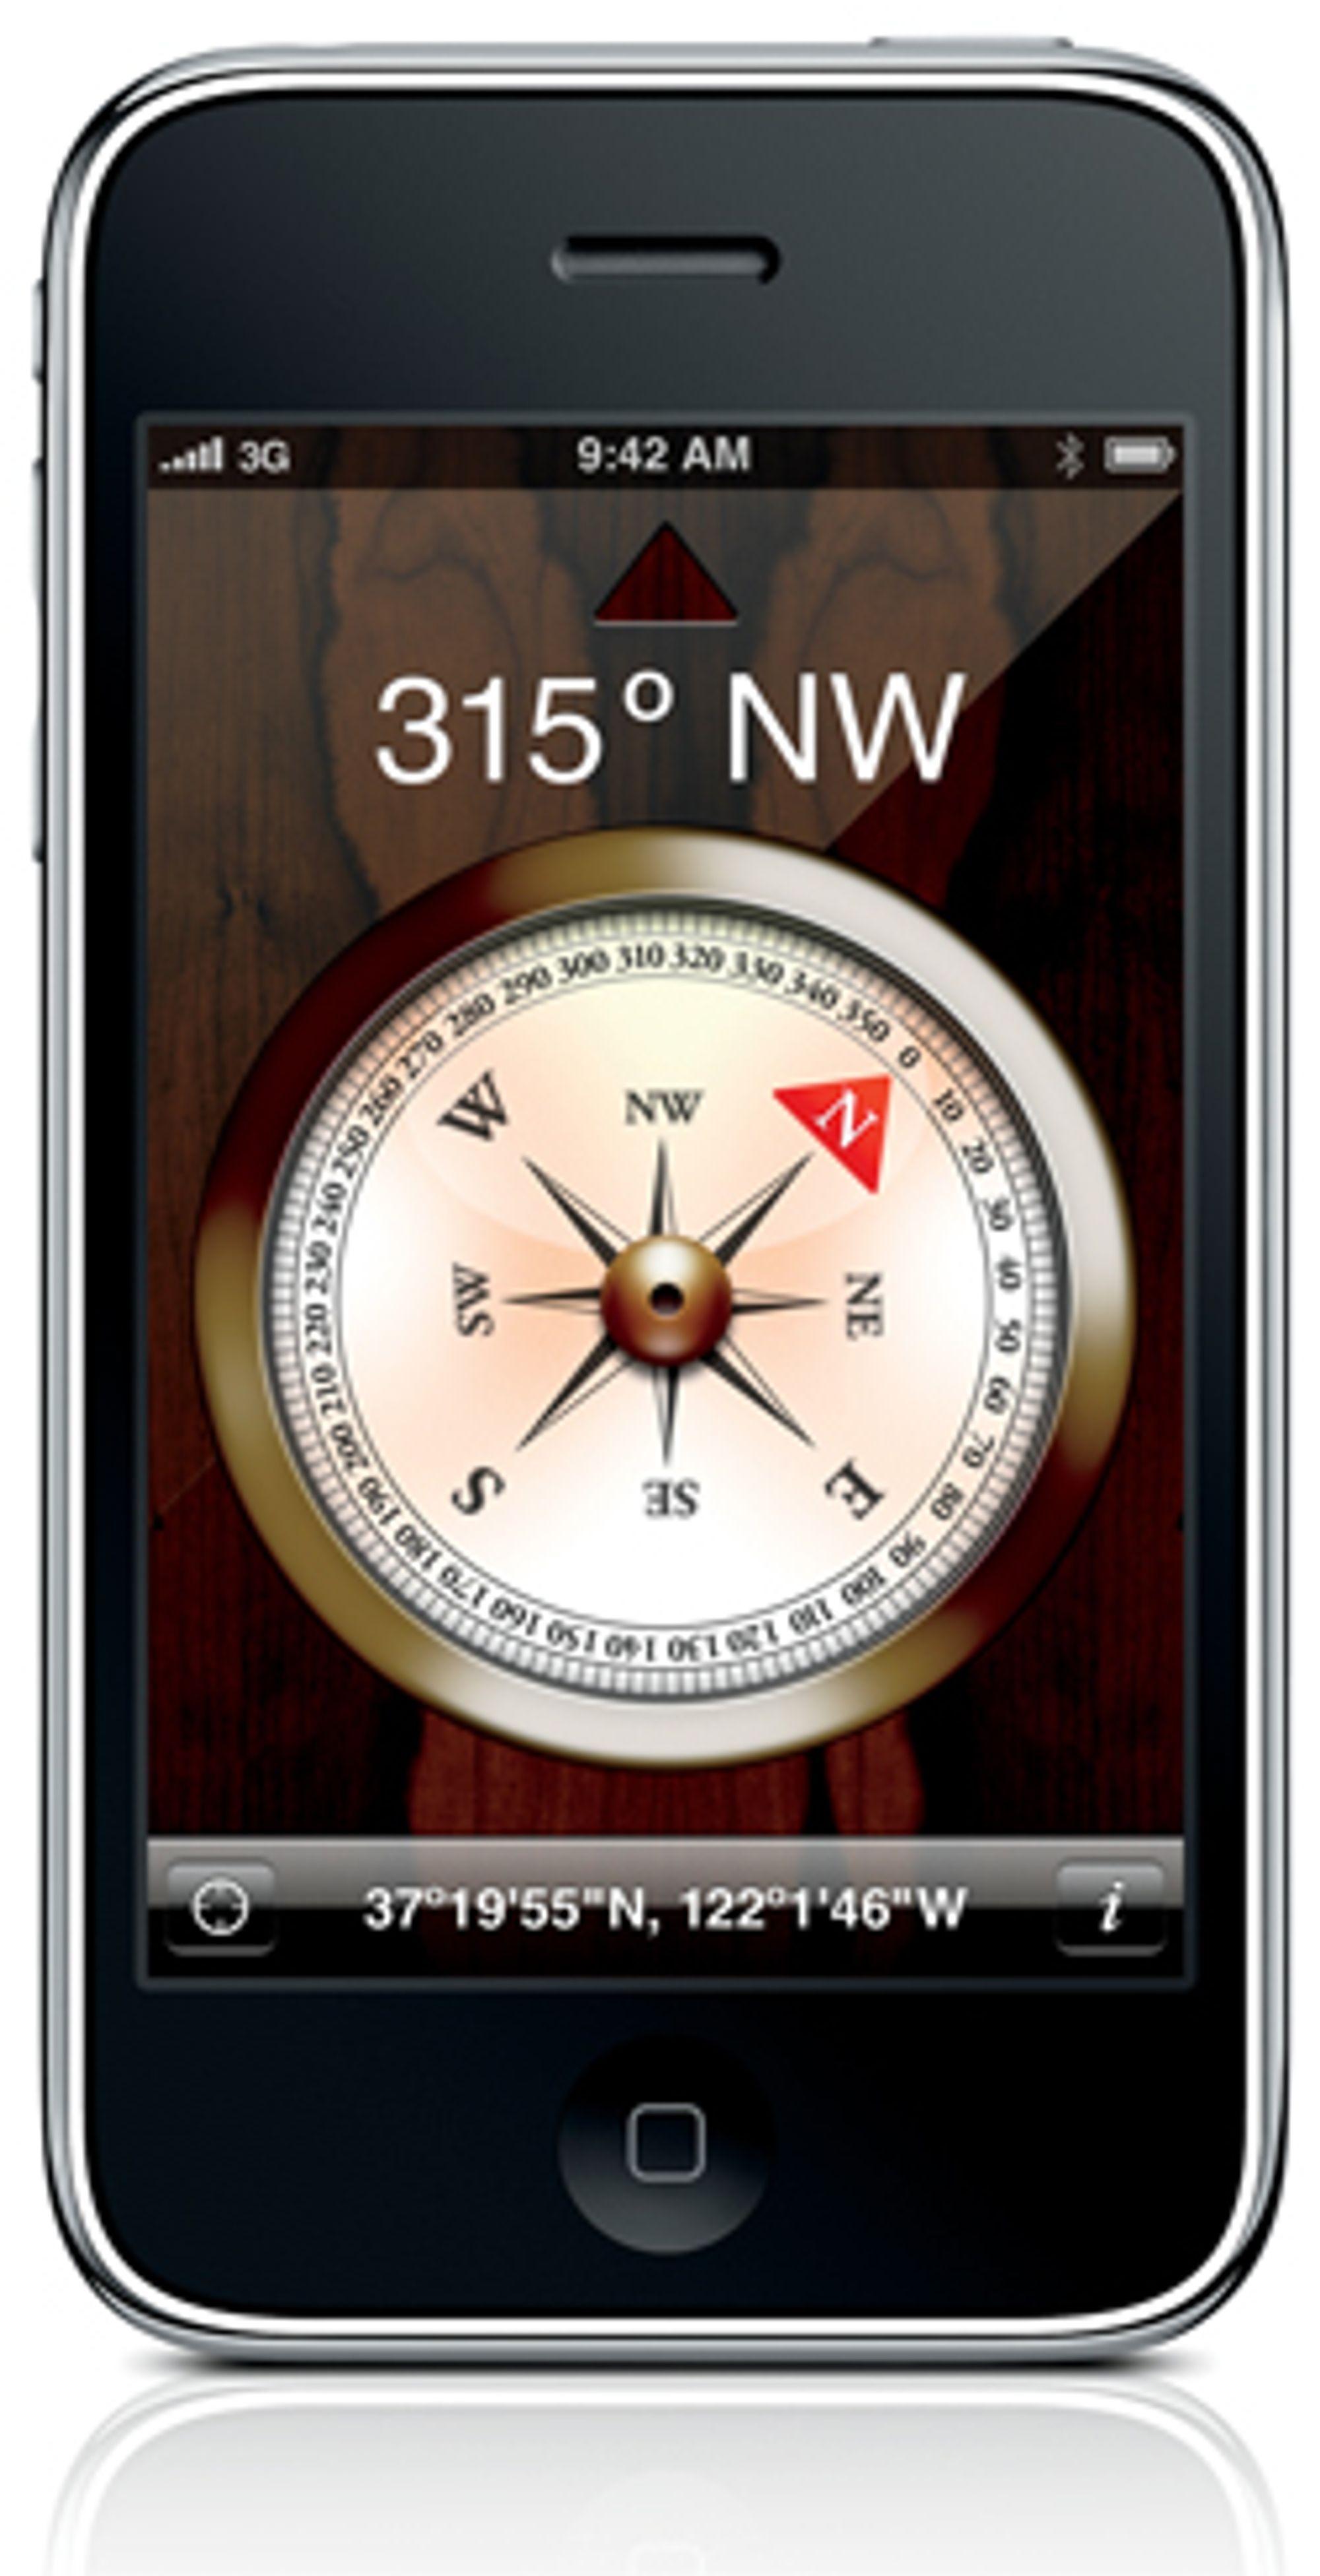 Iphone 3GS har også fått et magnetisk kompass innebygget.